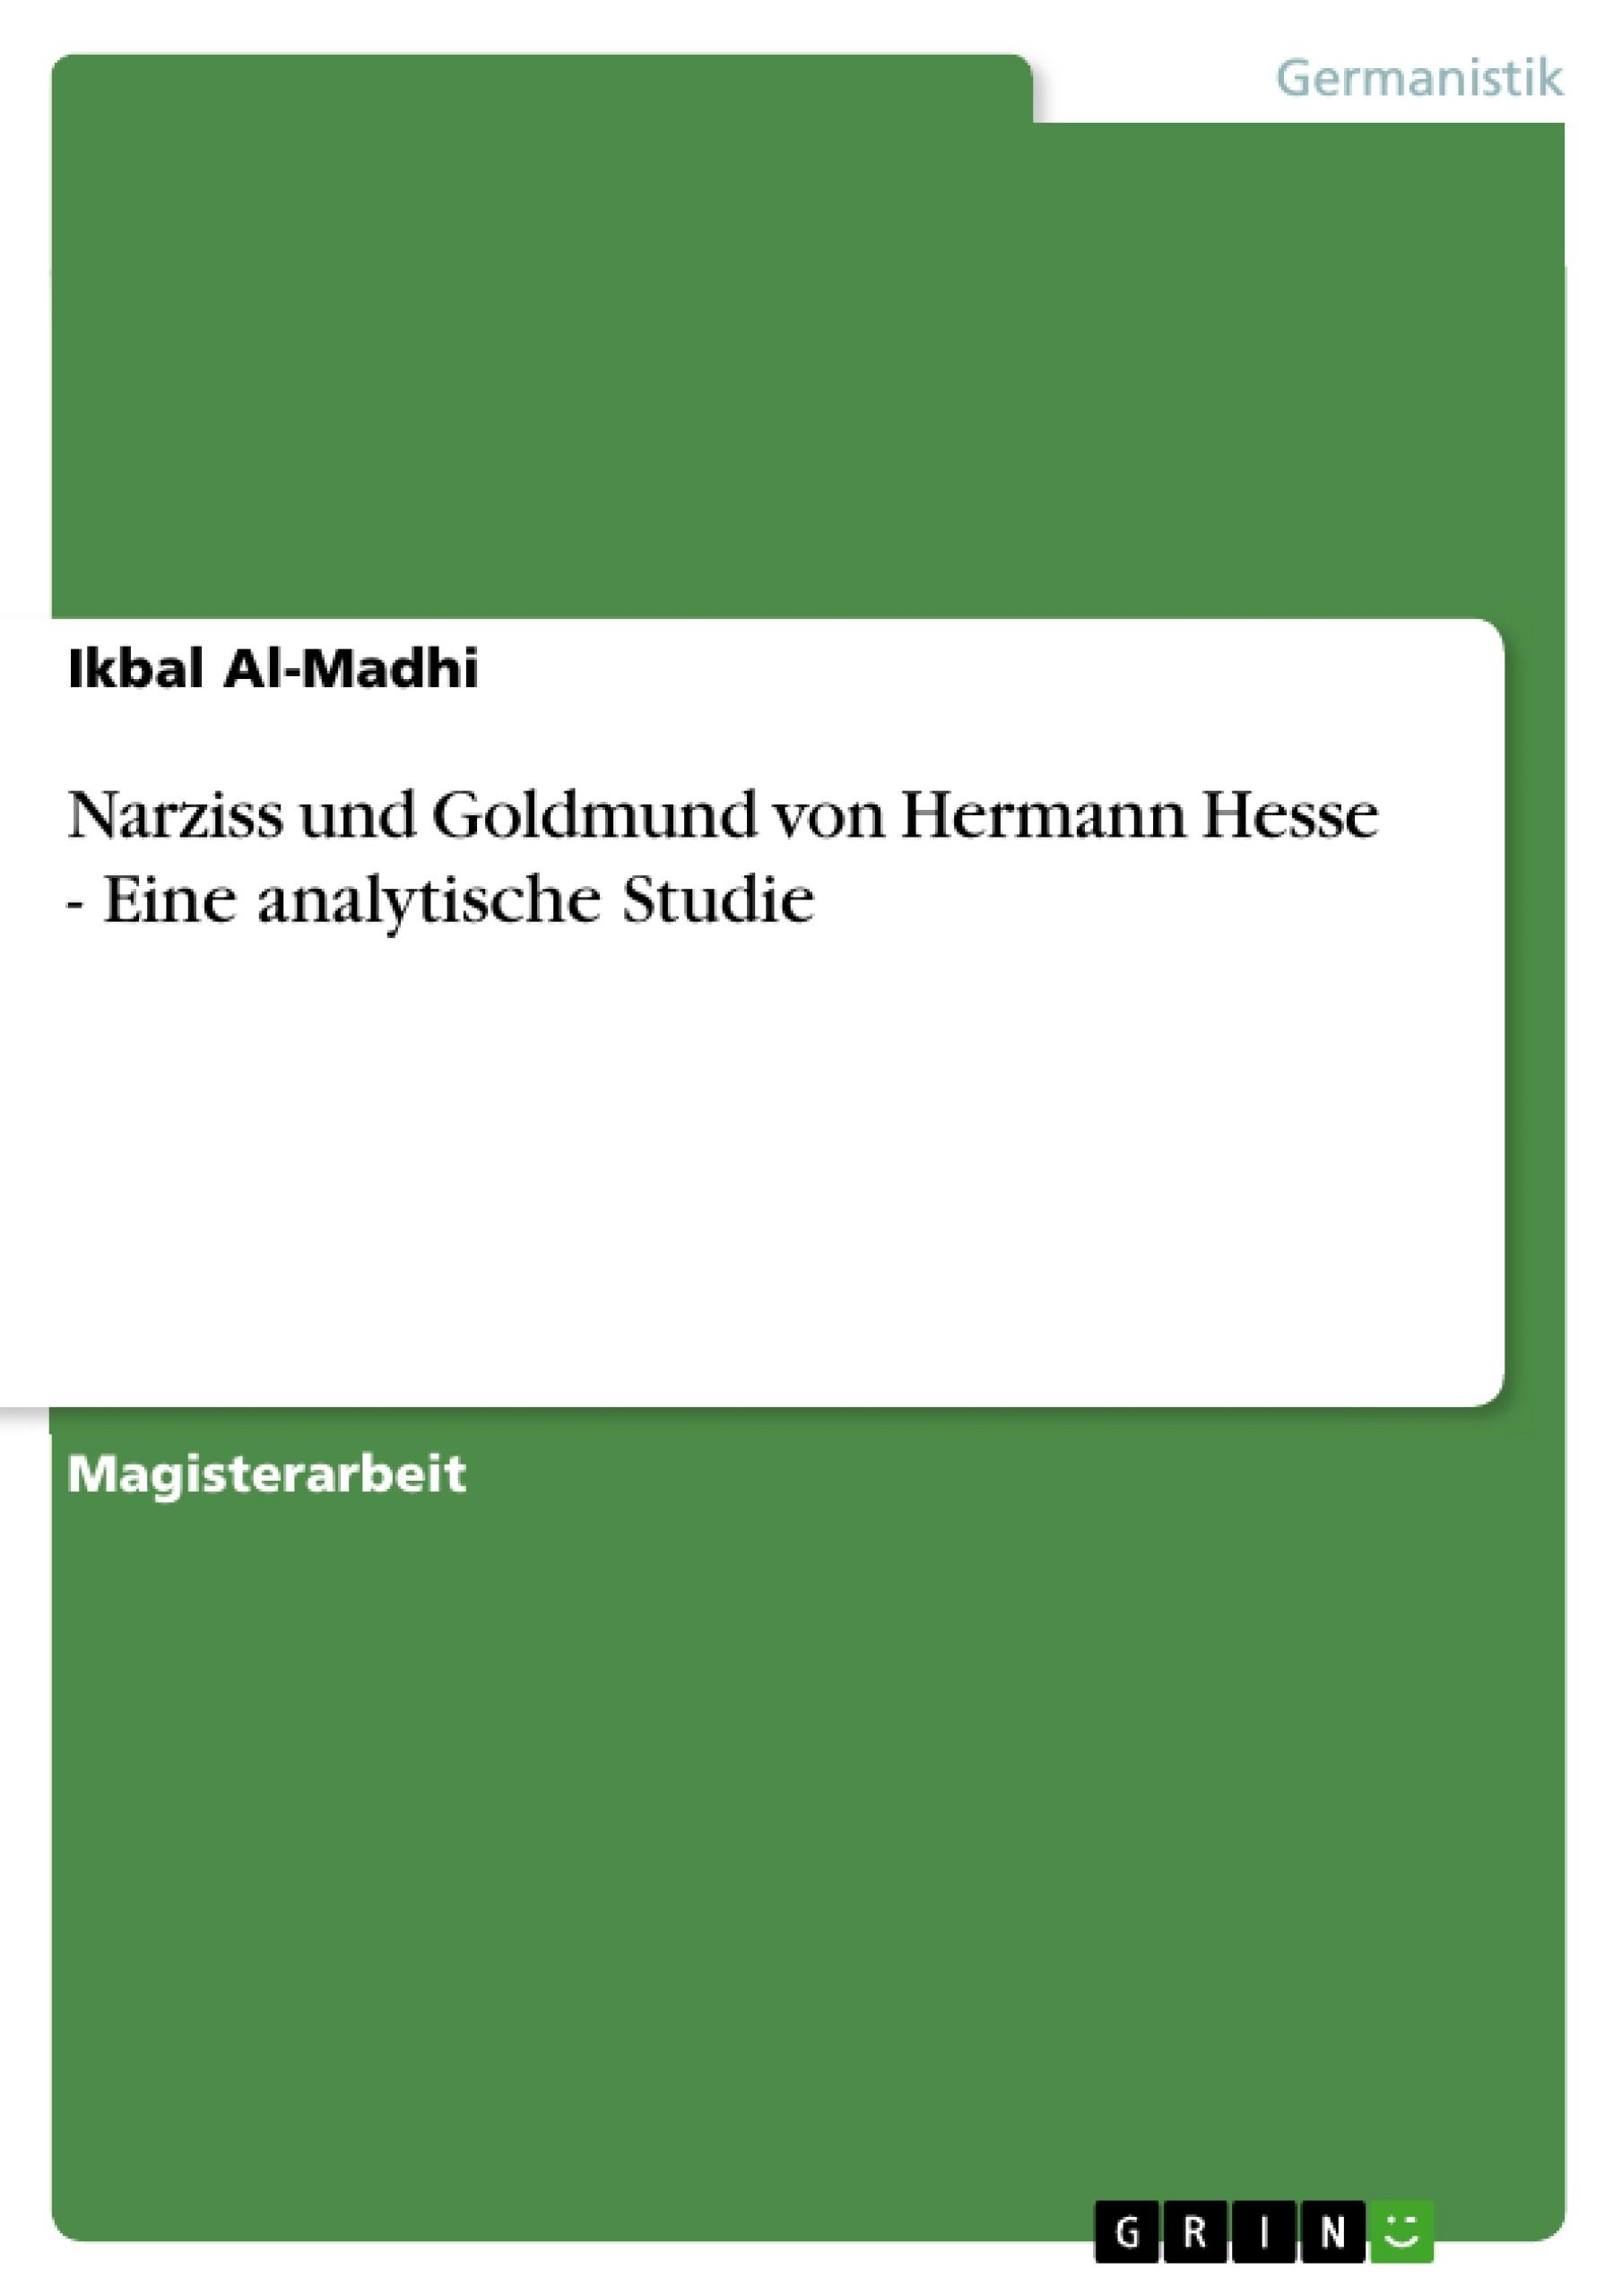 Titel: Narziss und Goldmund von Hermann Hesse - Eine analytische Studie